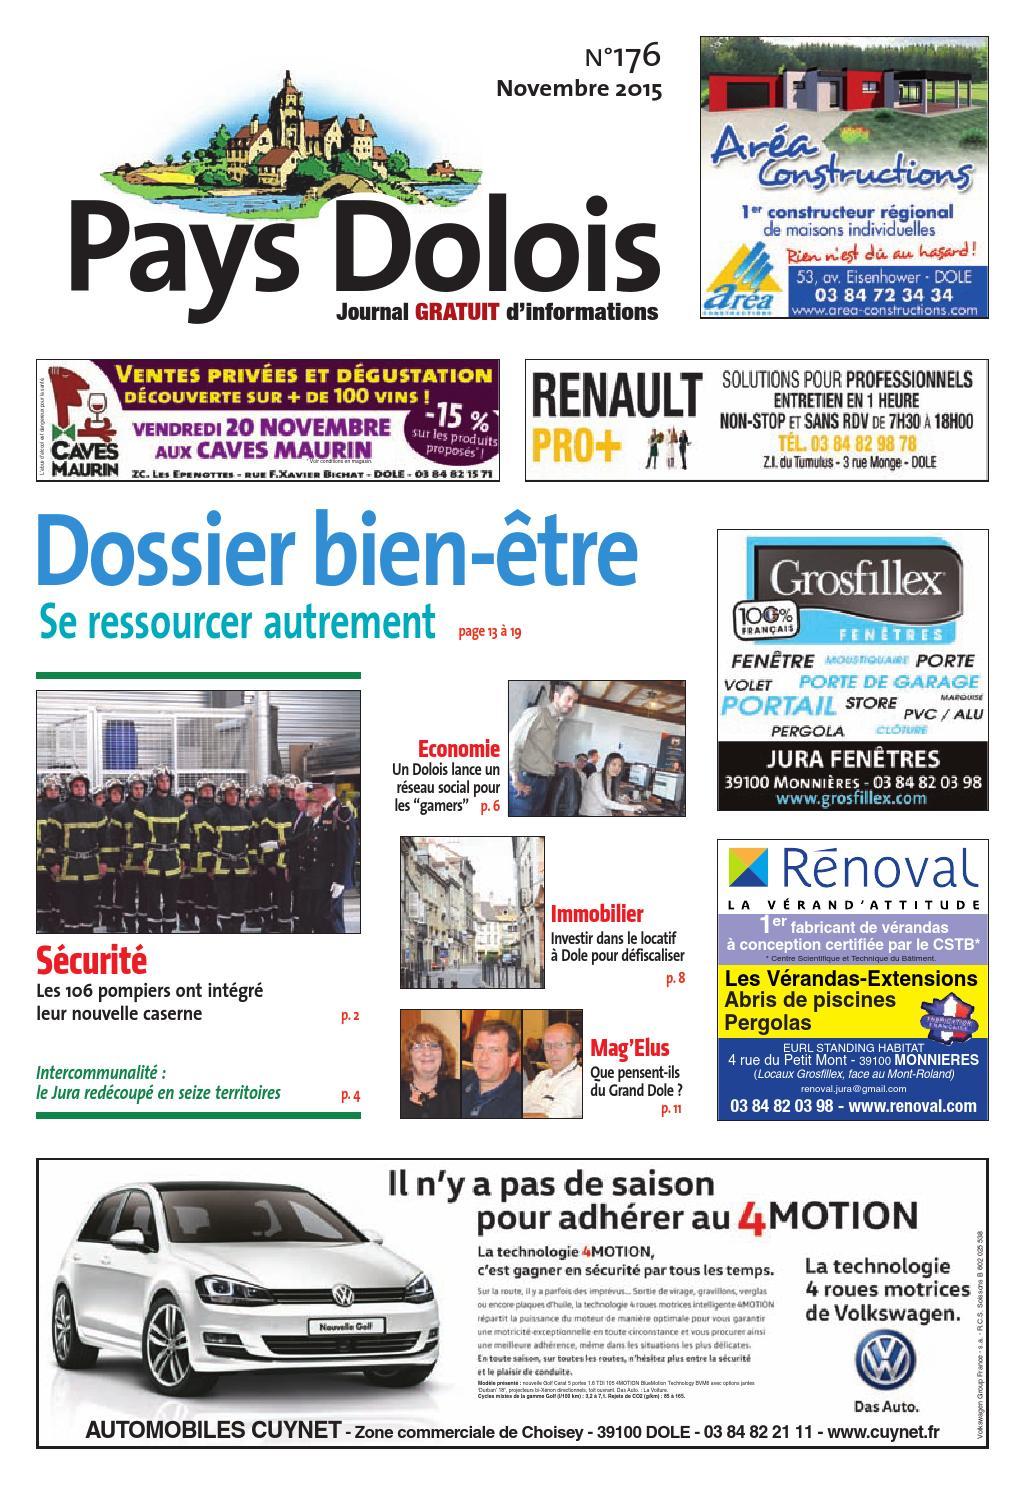 Pays Dolois 176 by PAOH - issuu b652a3aeab01